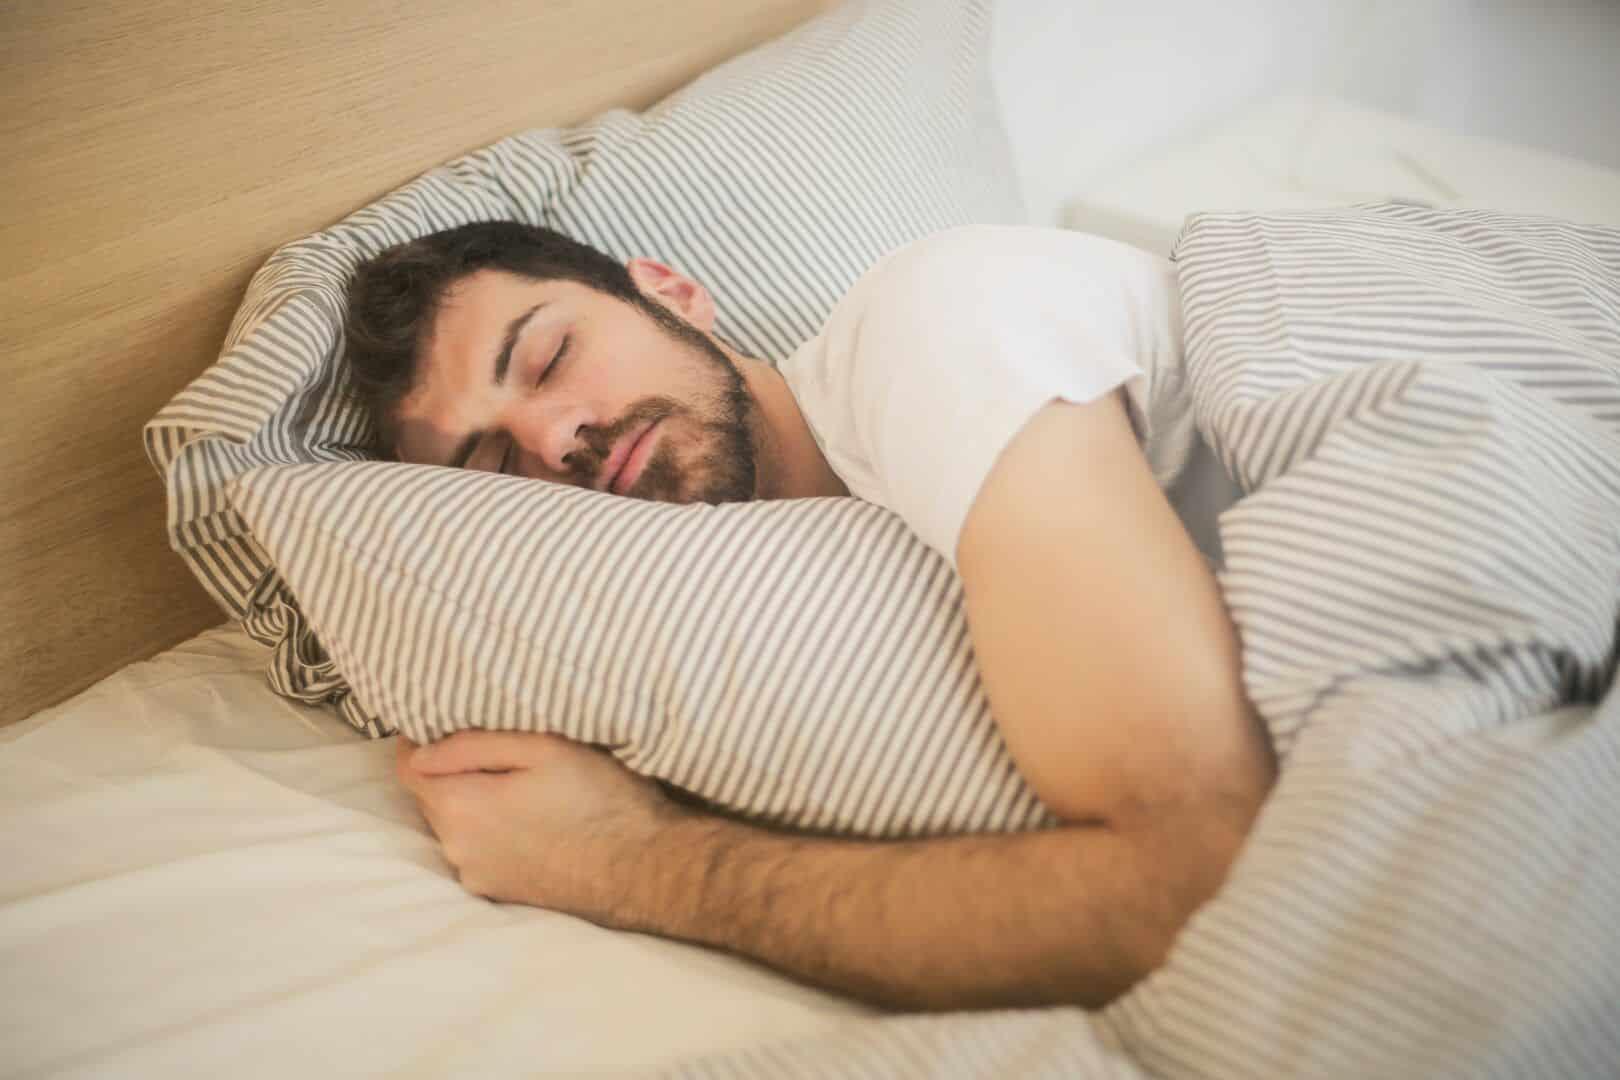 Horas de sono - quantas horas são suficientes dormir por noite?